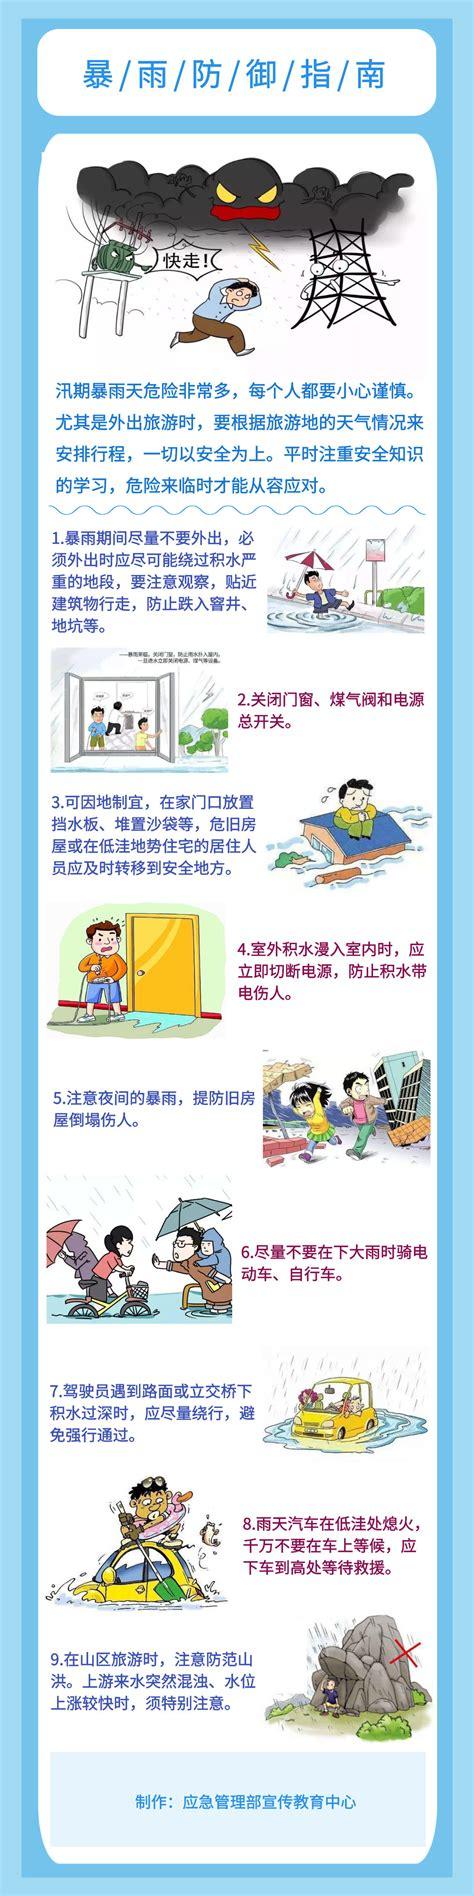 暴雨防御指南_新闻资讯_科普湖南在线网